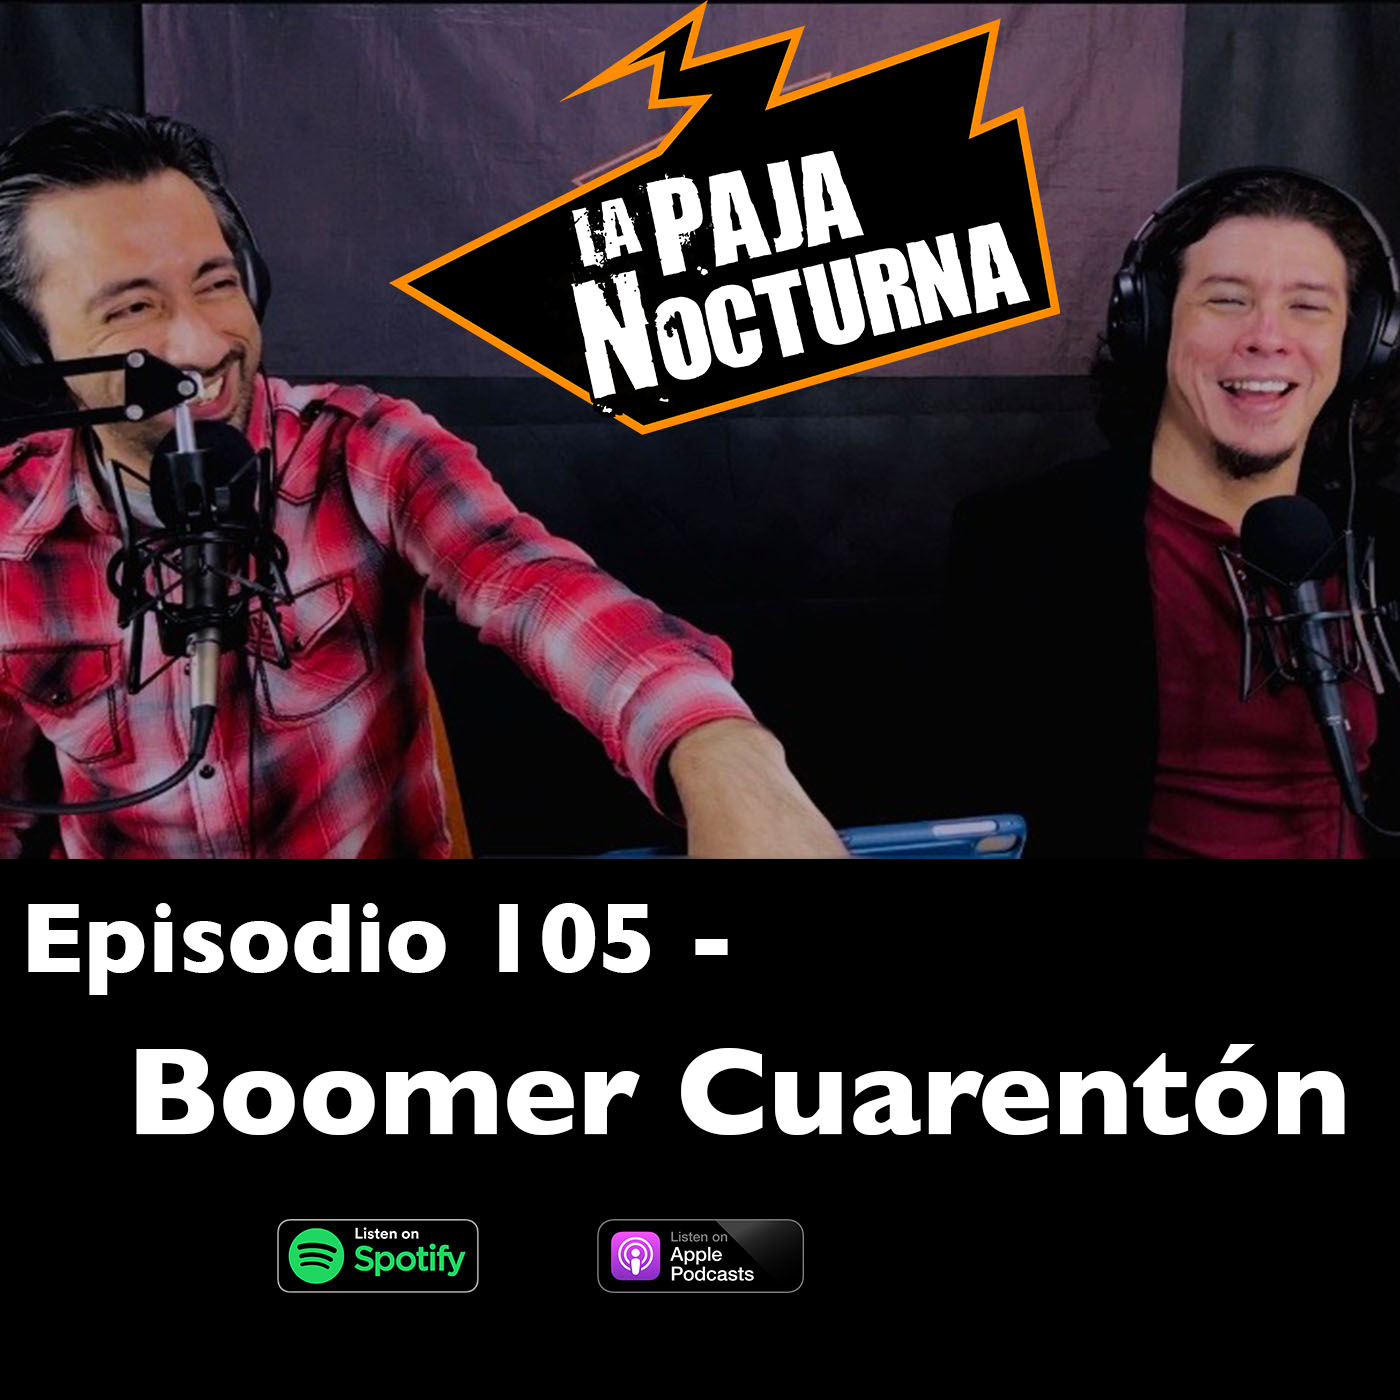 La paja nocturna podcast Episodio 105